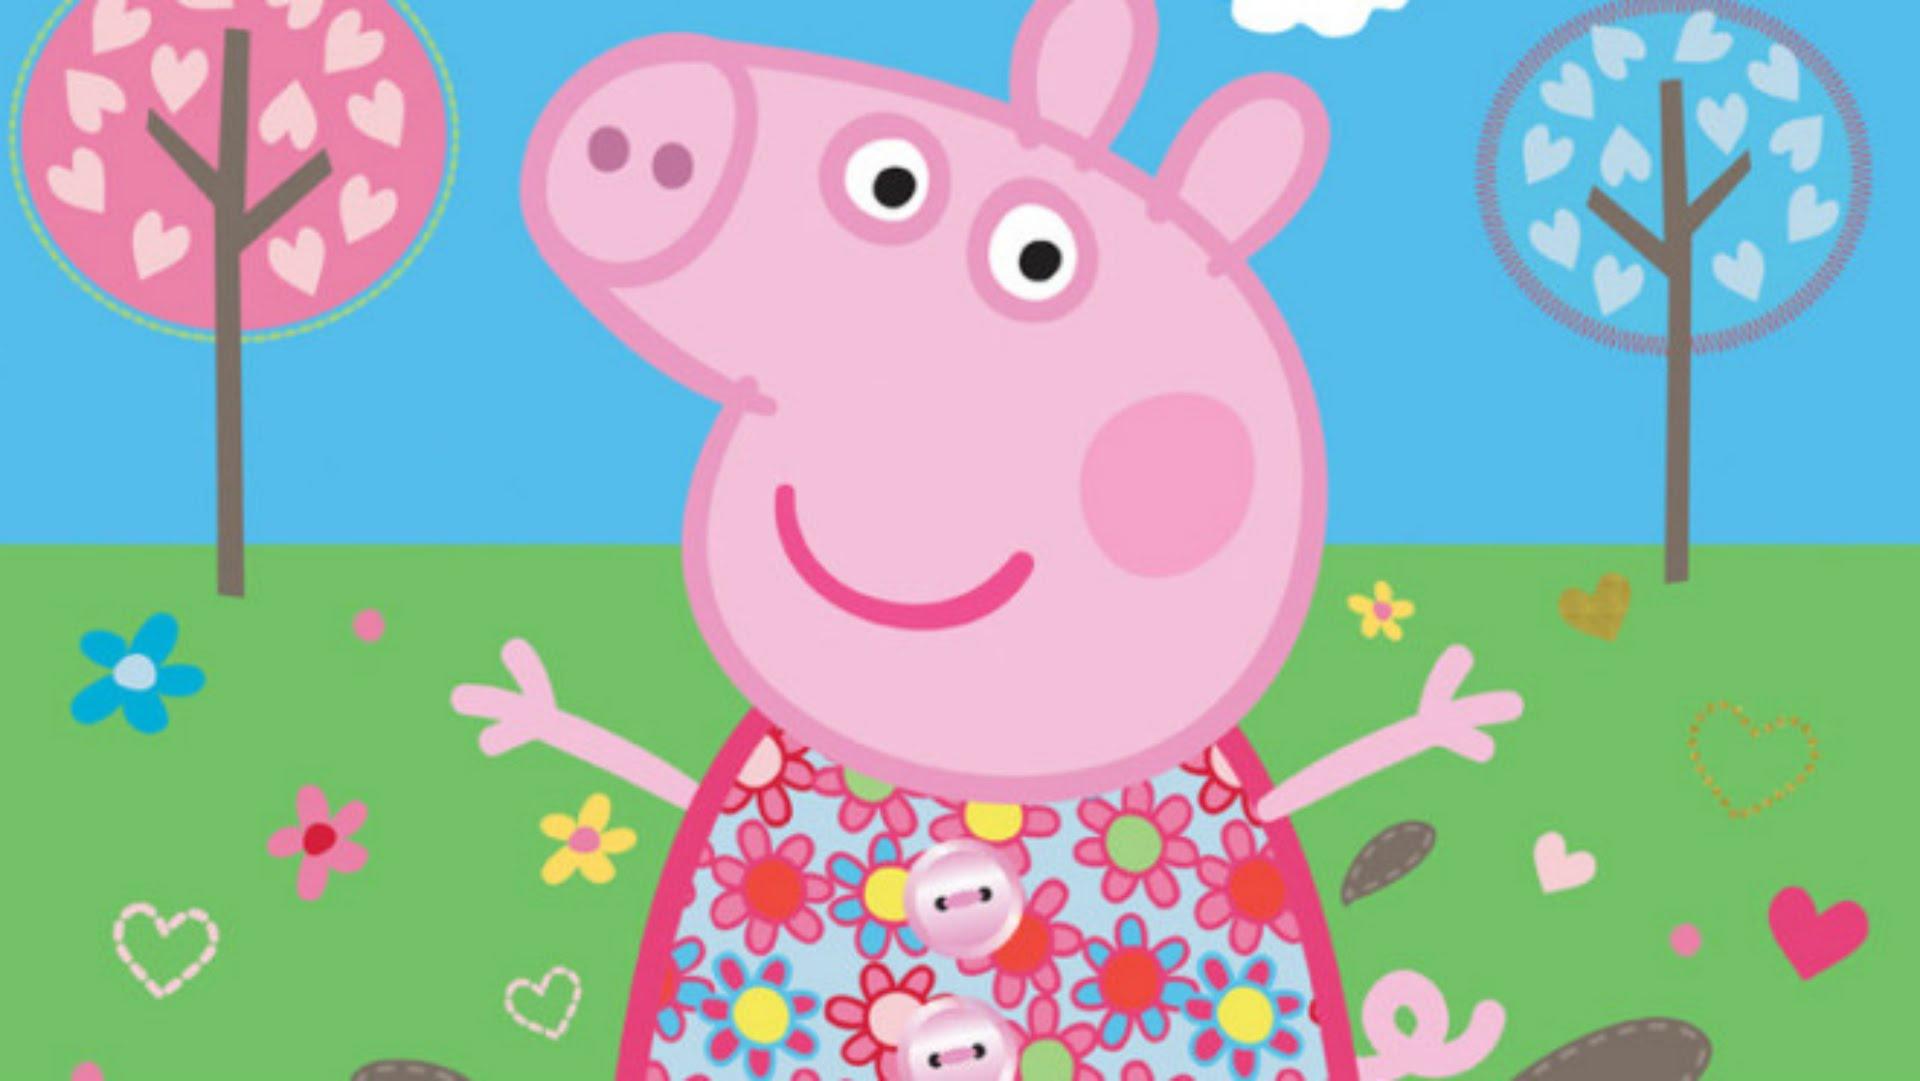 Fondos De Pantalla Wallpapers Gratis: Fondos Peppa Pig, Wallpapers Peppa Pig